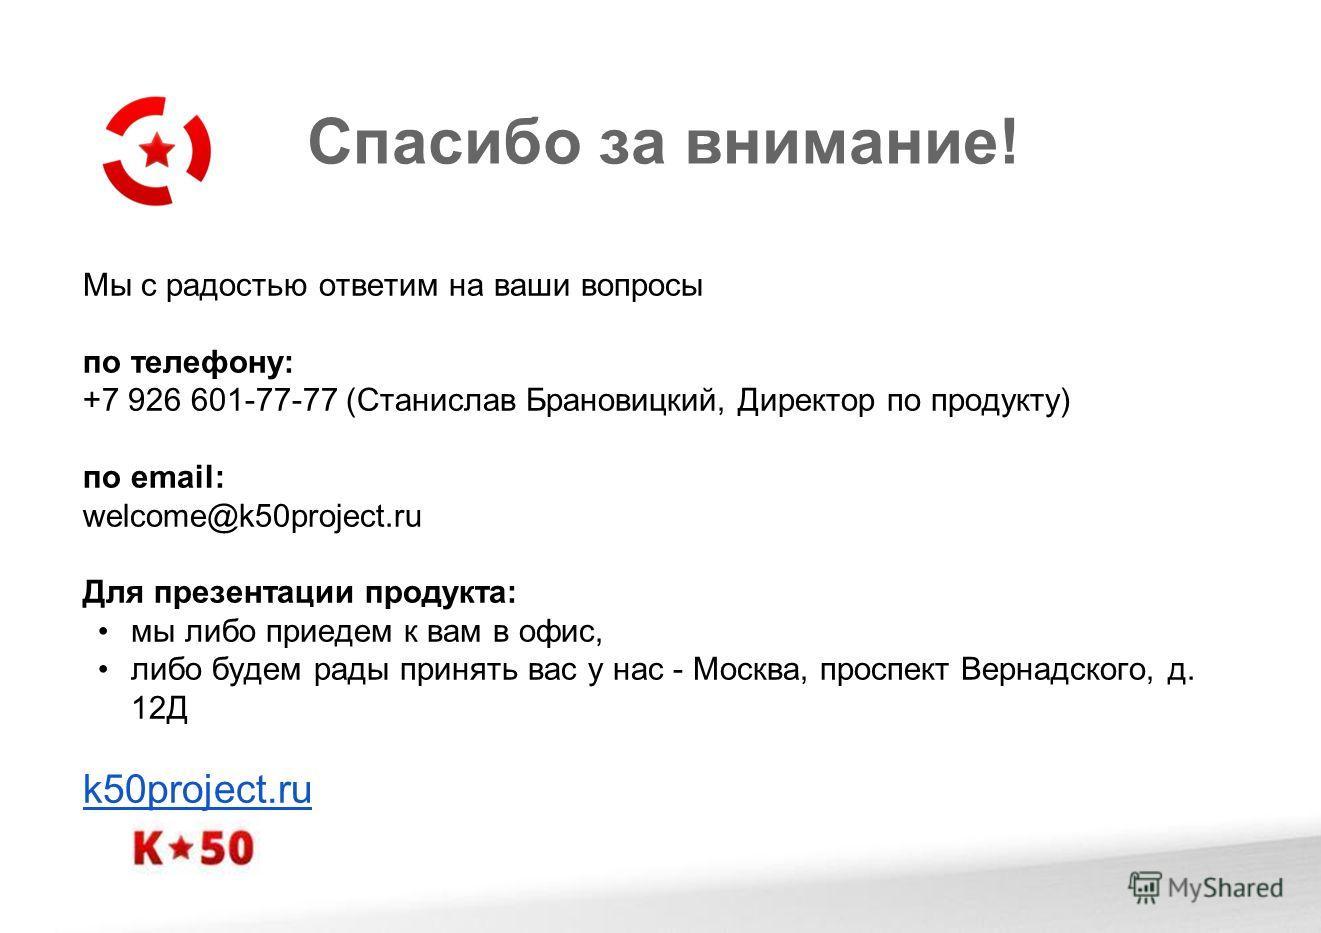 Спасибо за внимание! Мы с радостью ответим на ваши вопросы по телефону: +7 926 601-77-77 (Станислав Брановицкий, Директор по продукту) по email: welcome@k50project.ru Для презентации продукта: мы либо приедем к вам в офис, либо будем рады принять вас